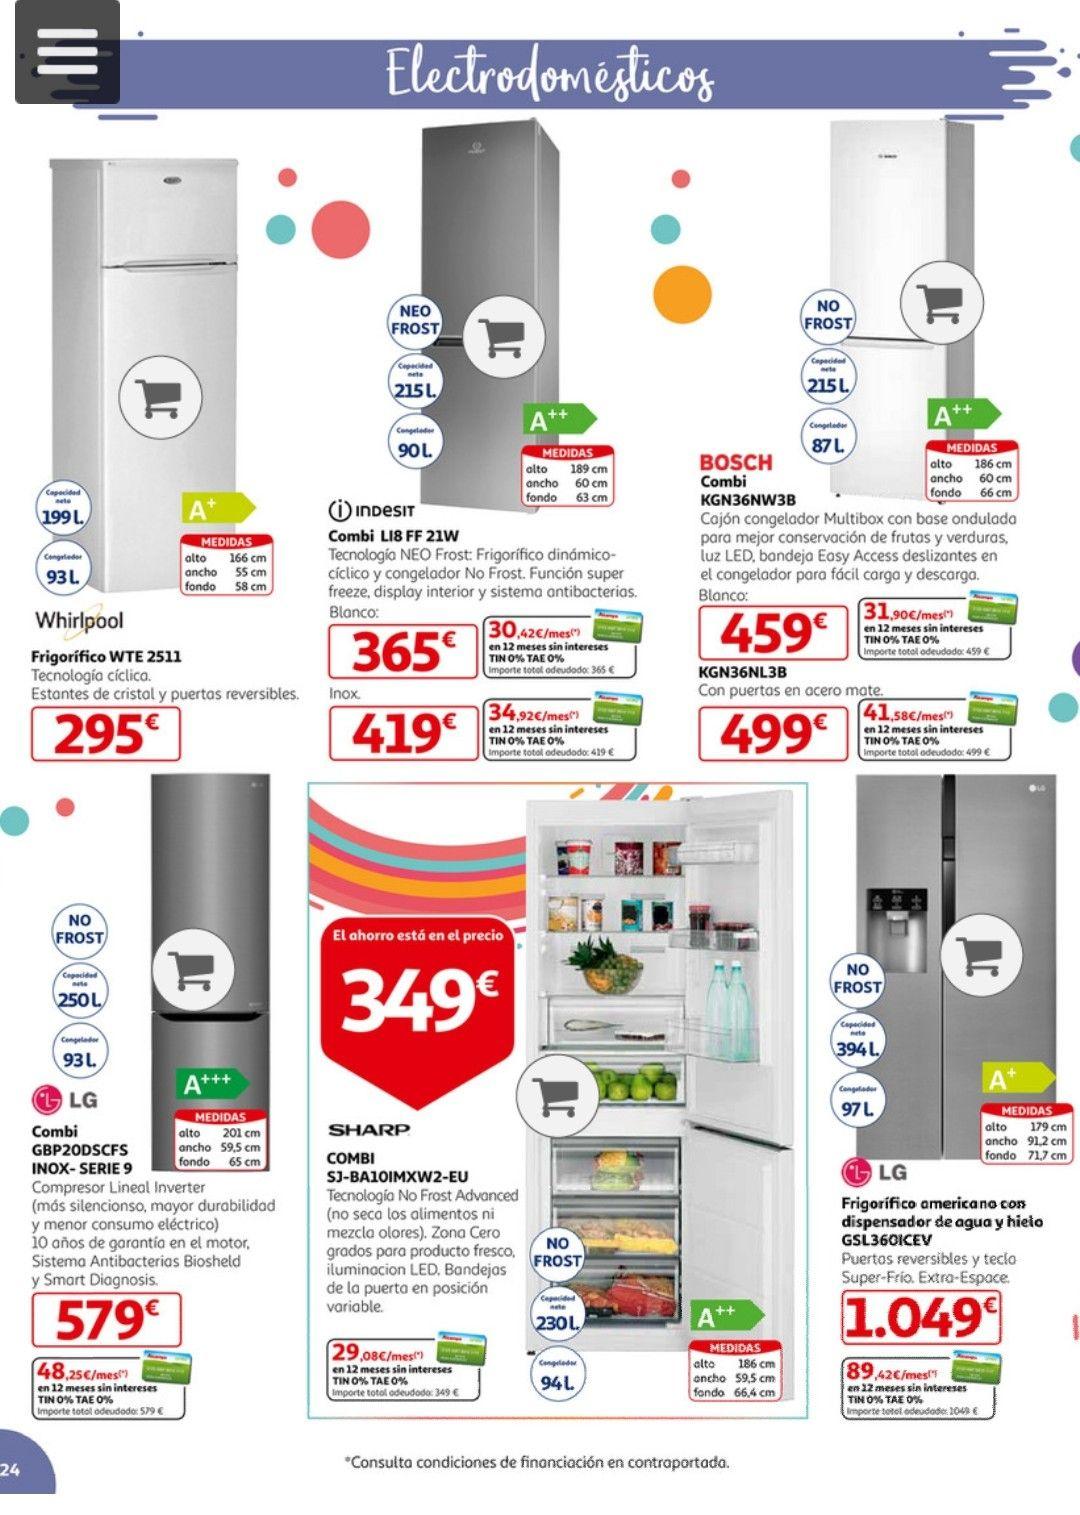 Neveras, Combis y otros electrodomésticos para el hogar en Alcampo Diagonal Mar